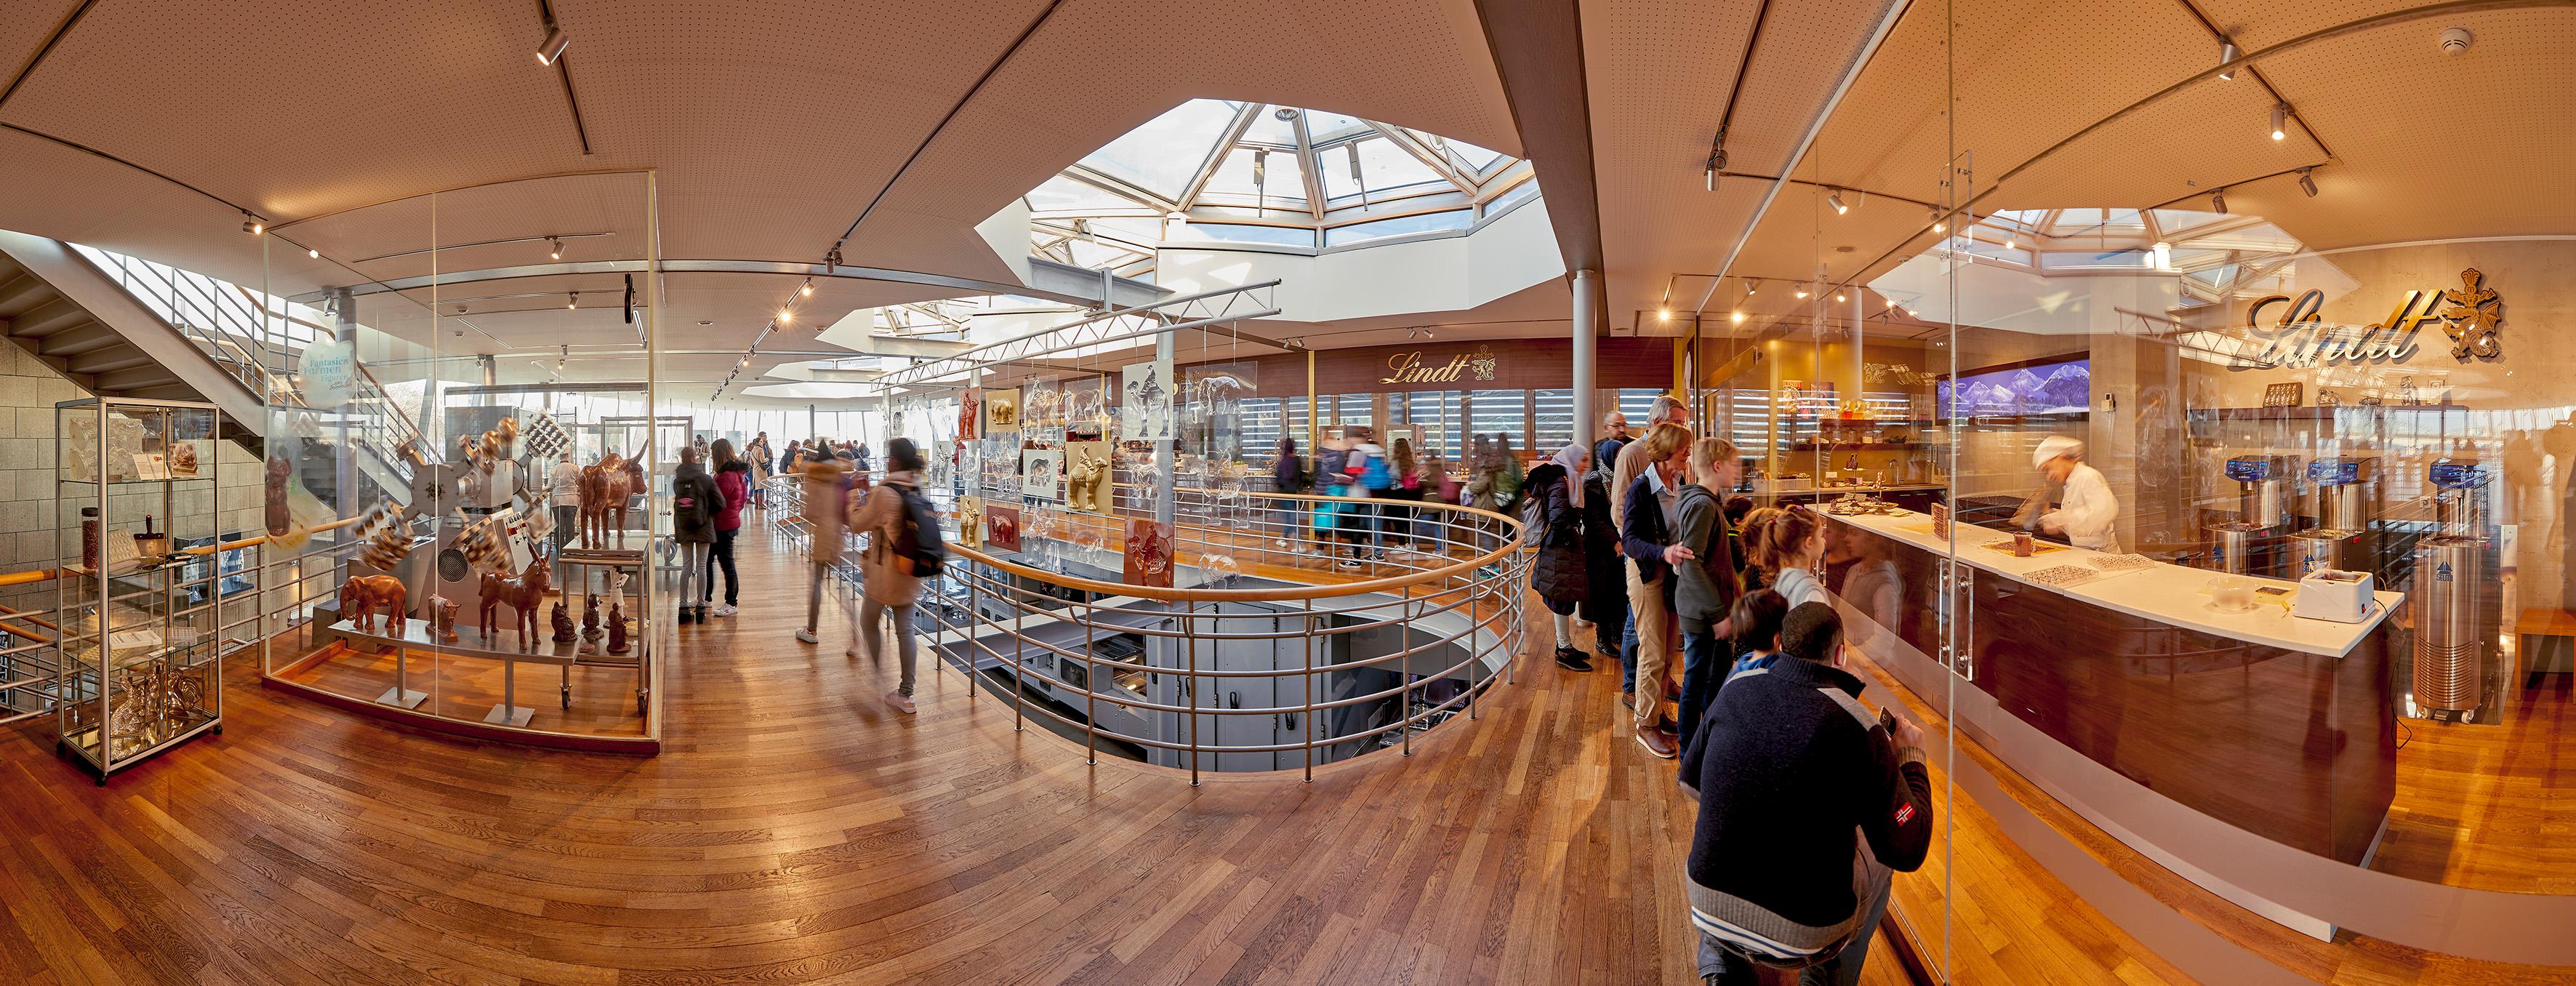 Schokoladenmuseum Köln Kommende Veranstaltungen